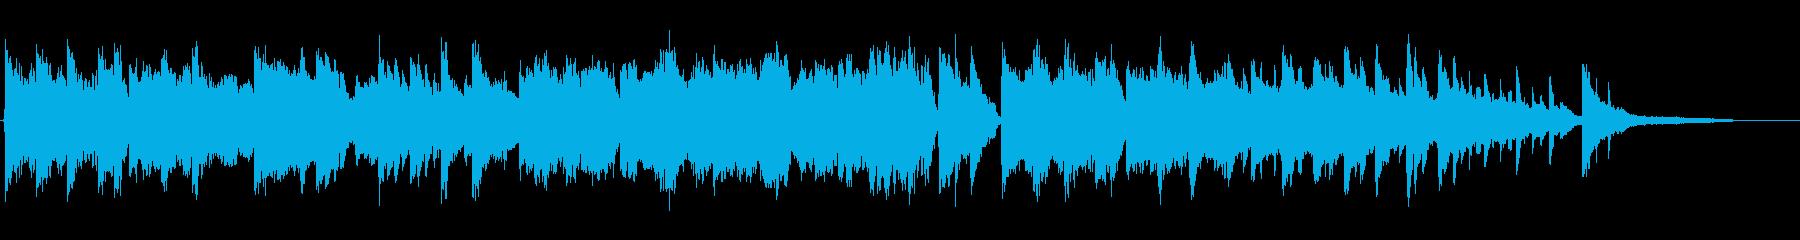 センチメンタルなピアノ+チェロの再生済みの波形